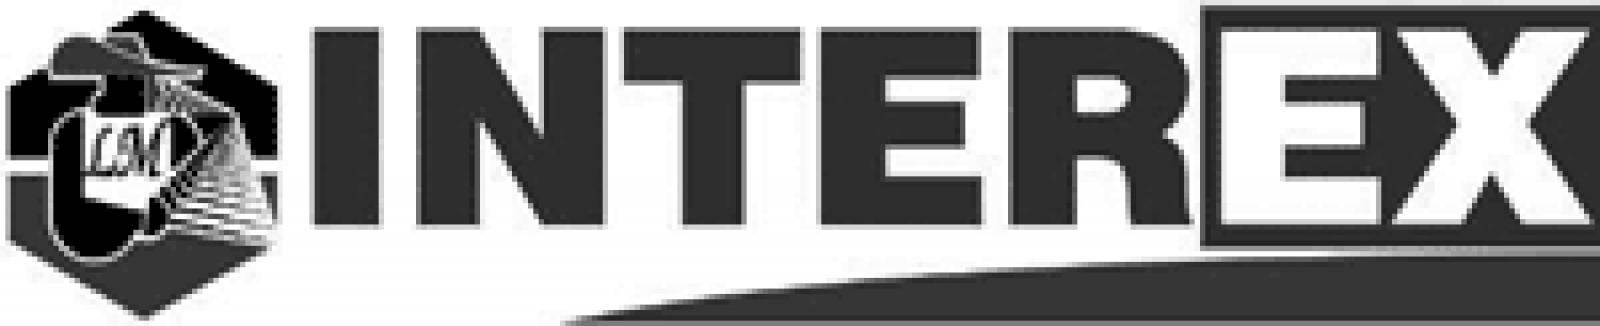 Bilbord za kompaniju Interex